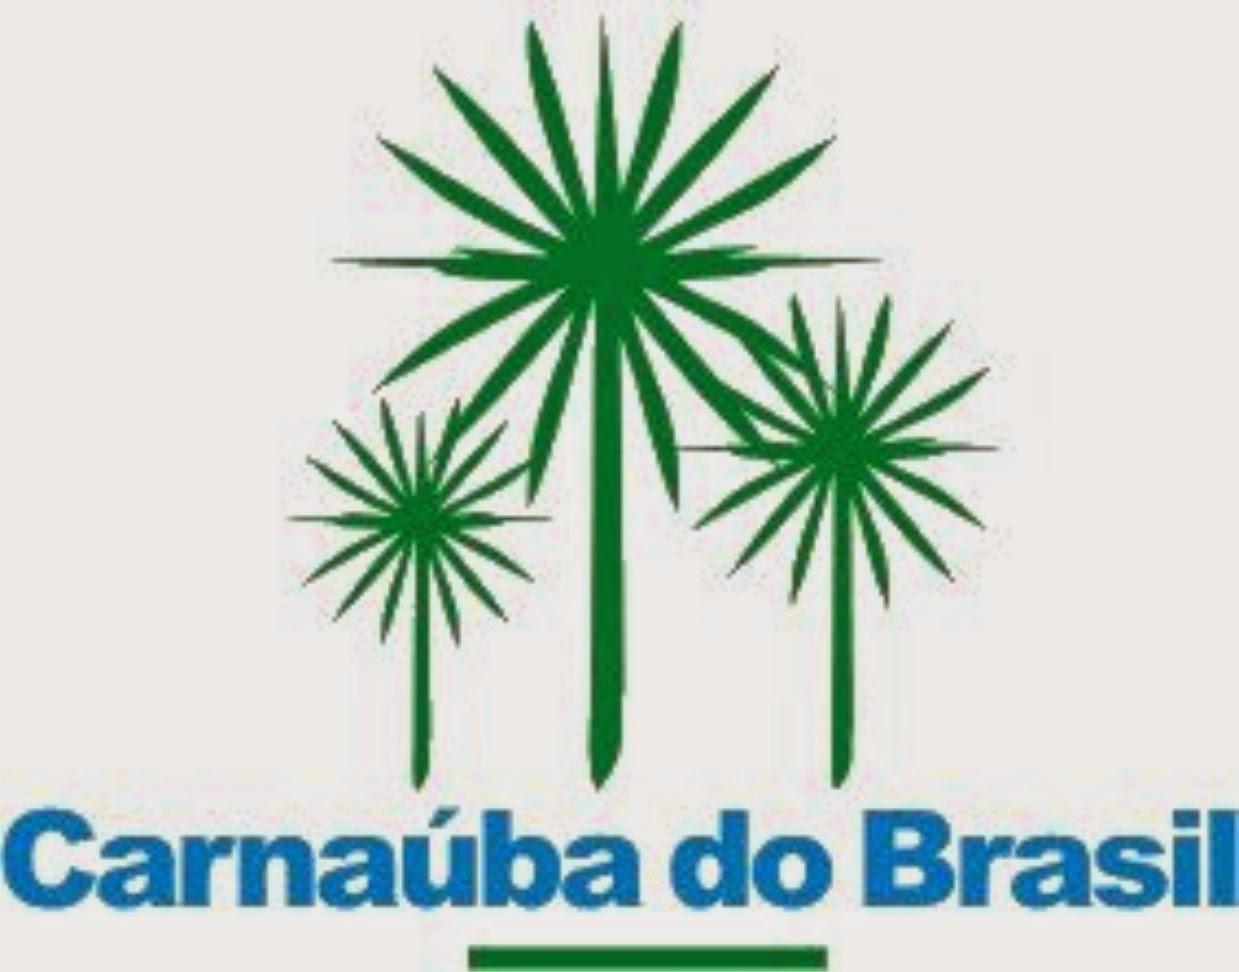 Carnaúba do Brasil